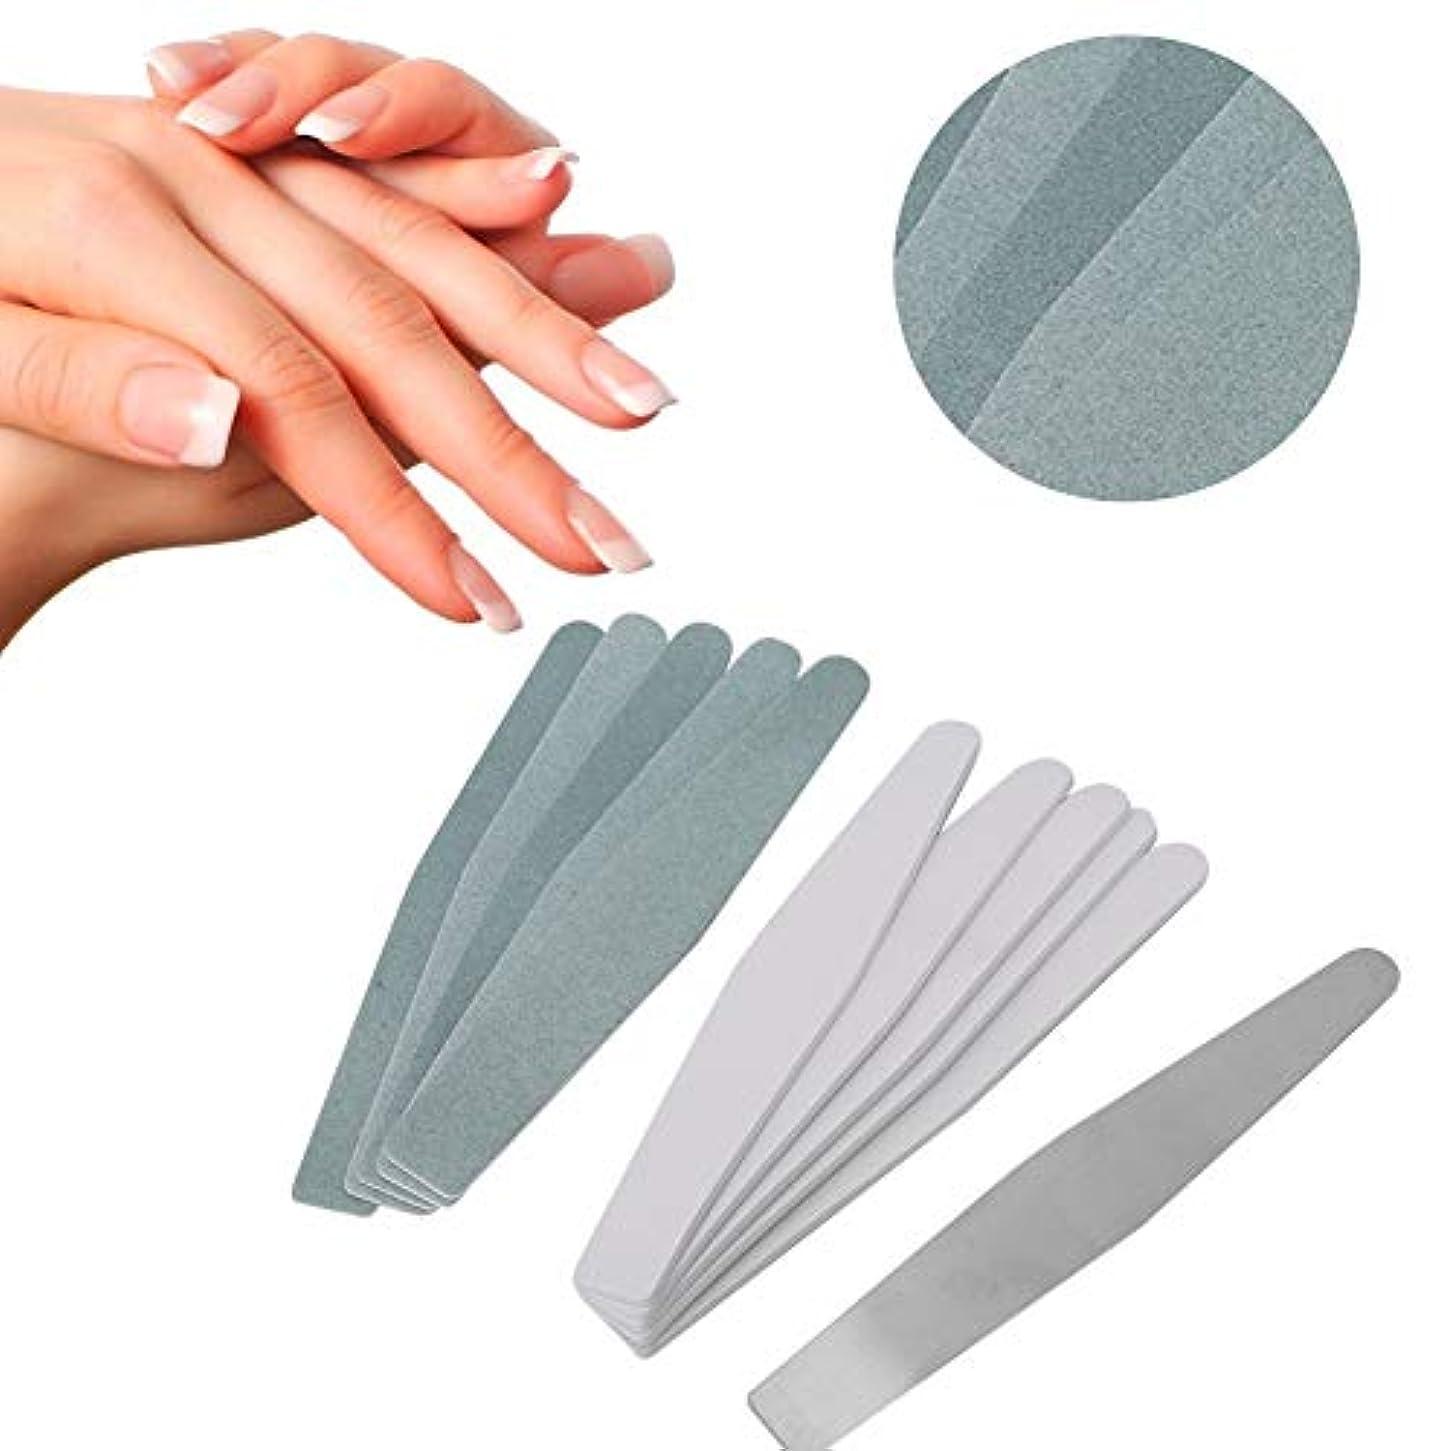 練る物質広範囲ネイルアート 緩衝ファイル 磨く釘の芸術のための取り替え可能なステンレス鋼の釘砂棒(01)